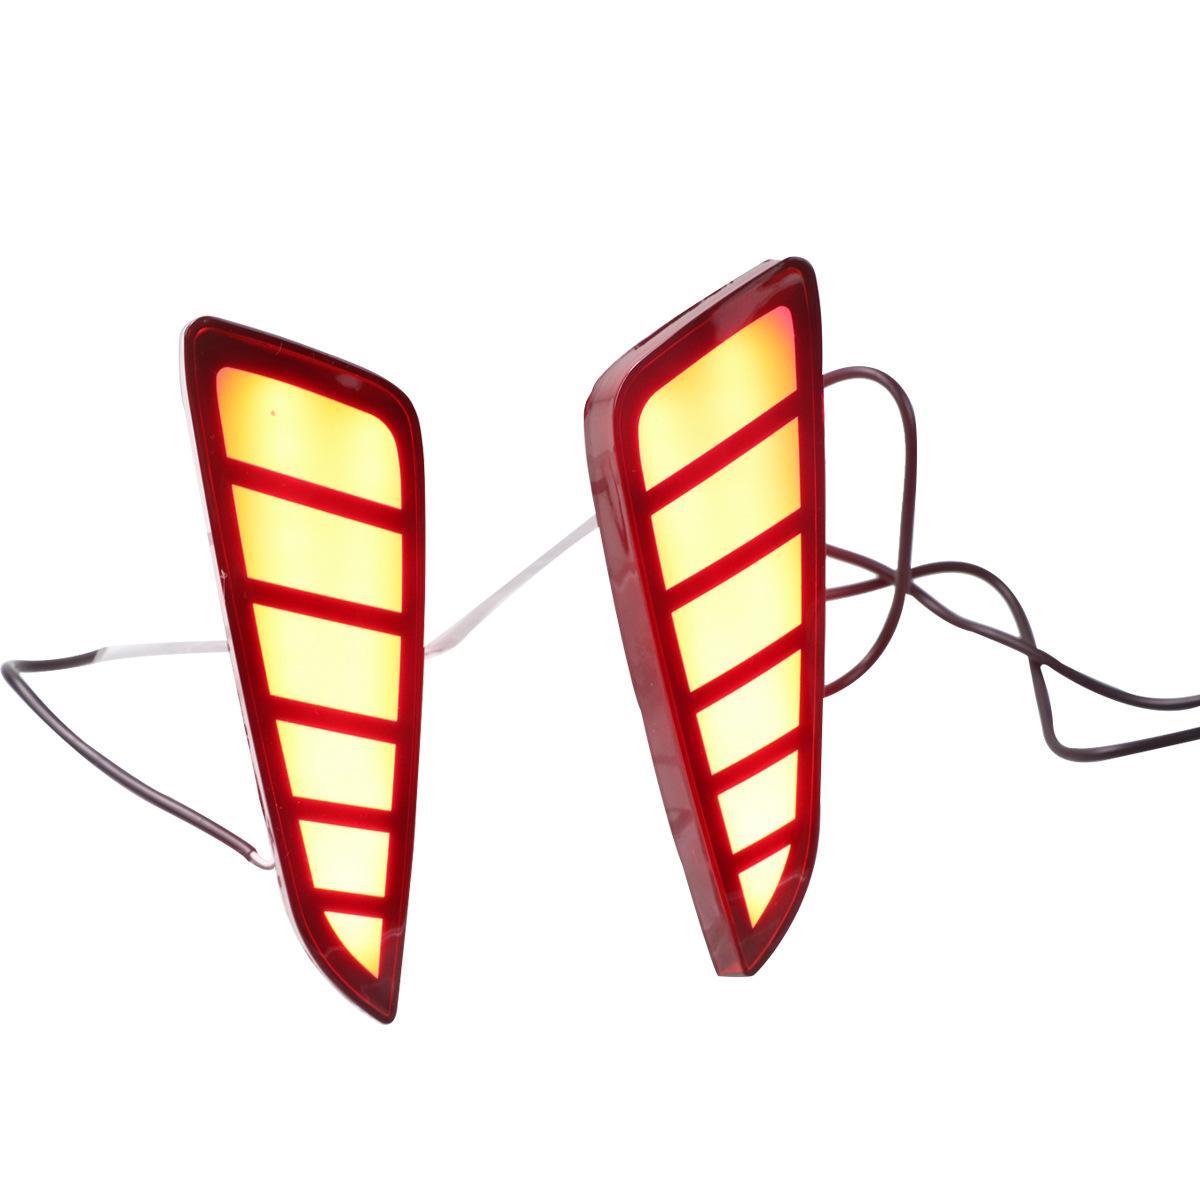 Автомобильные задние бамперские огни на 2017 год - 2020 Honda Chr 2 Функции Светодиодный тормозной световой день беговые светильники DRL противотуманный светильник